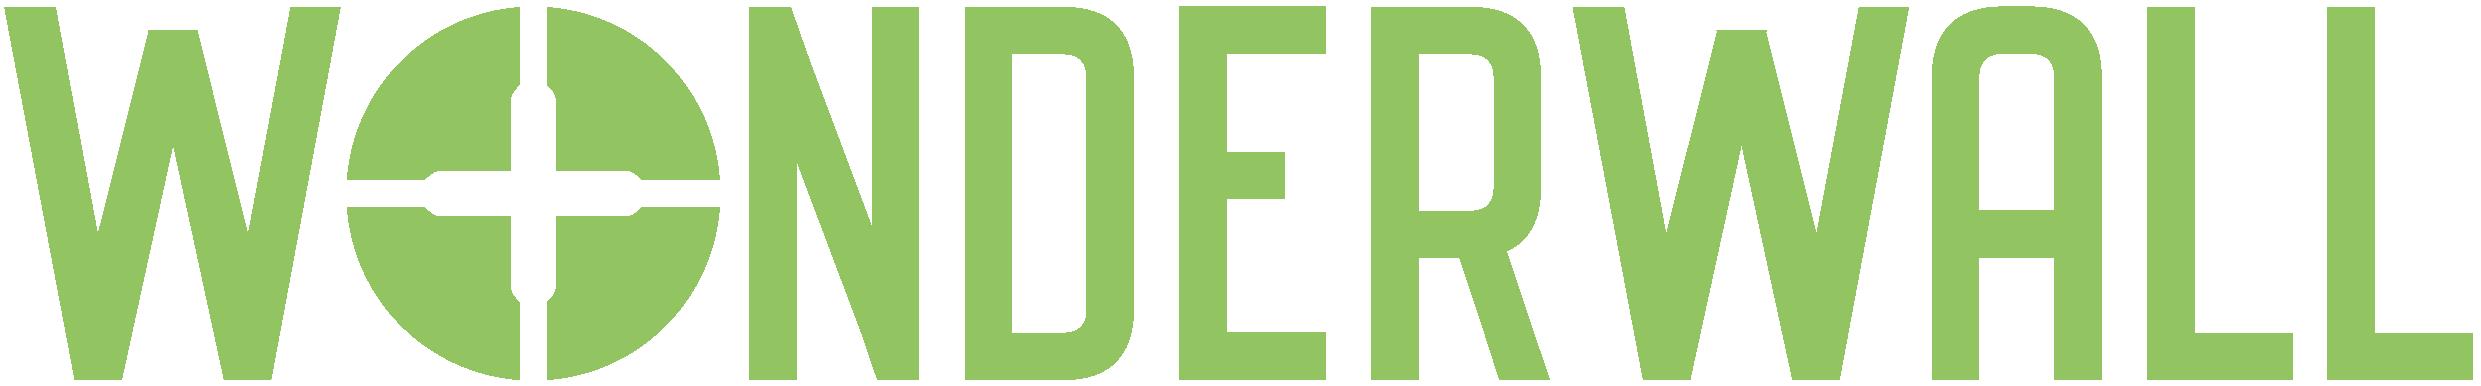 Wonderwall_Logo_Schriftzug_rz